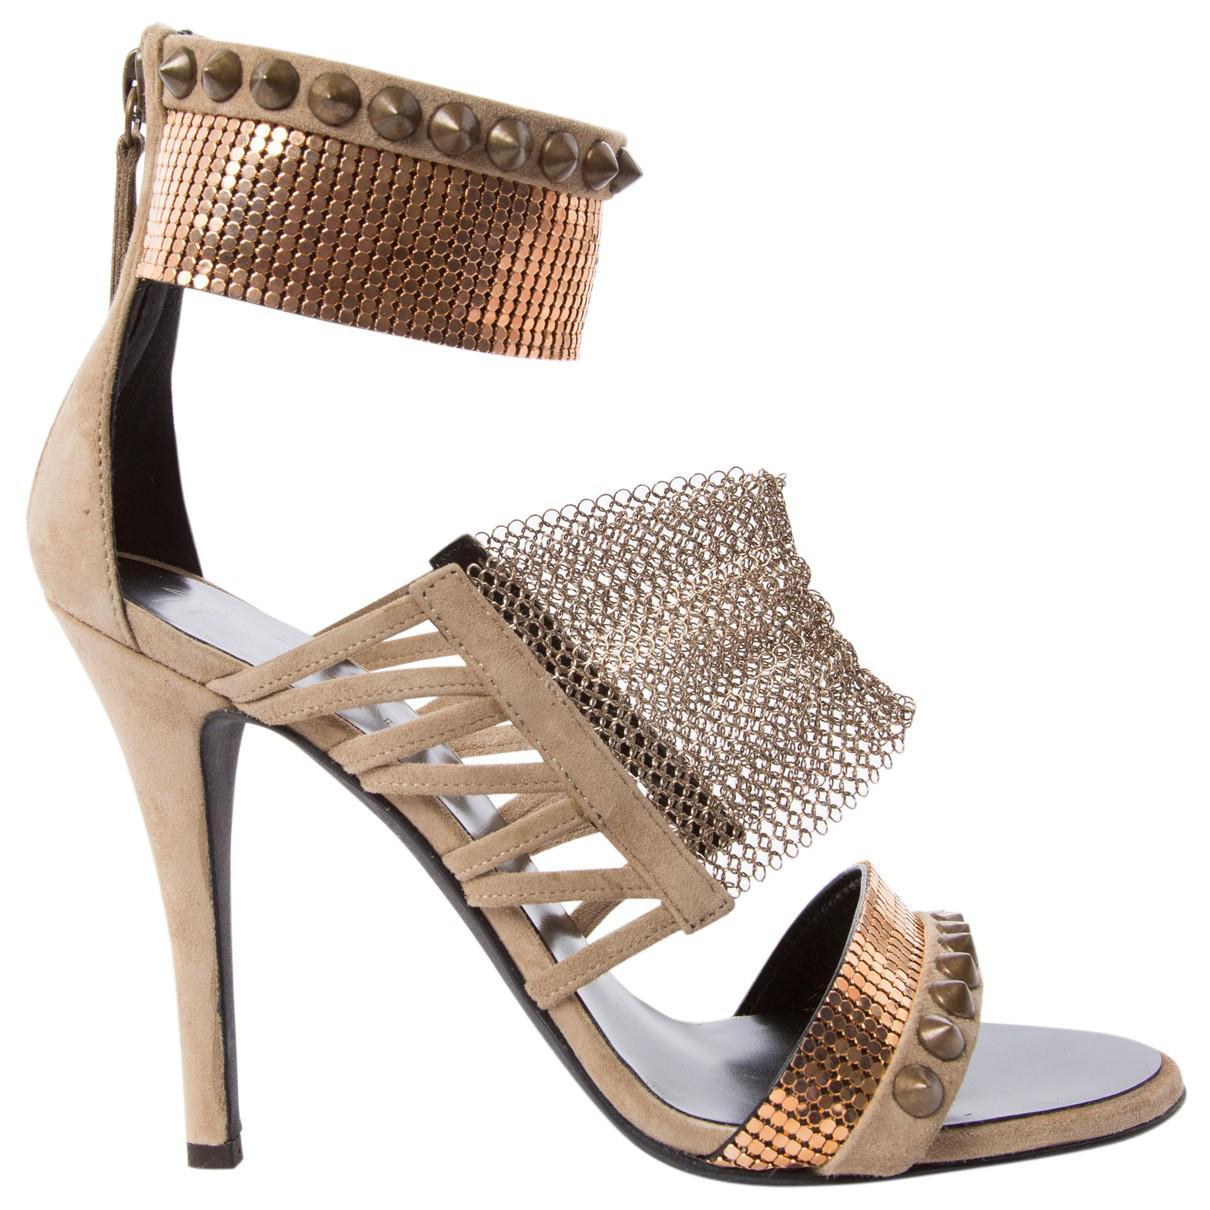 Pre-owned - Sandals Balmain Oe90qmG